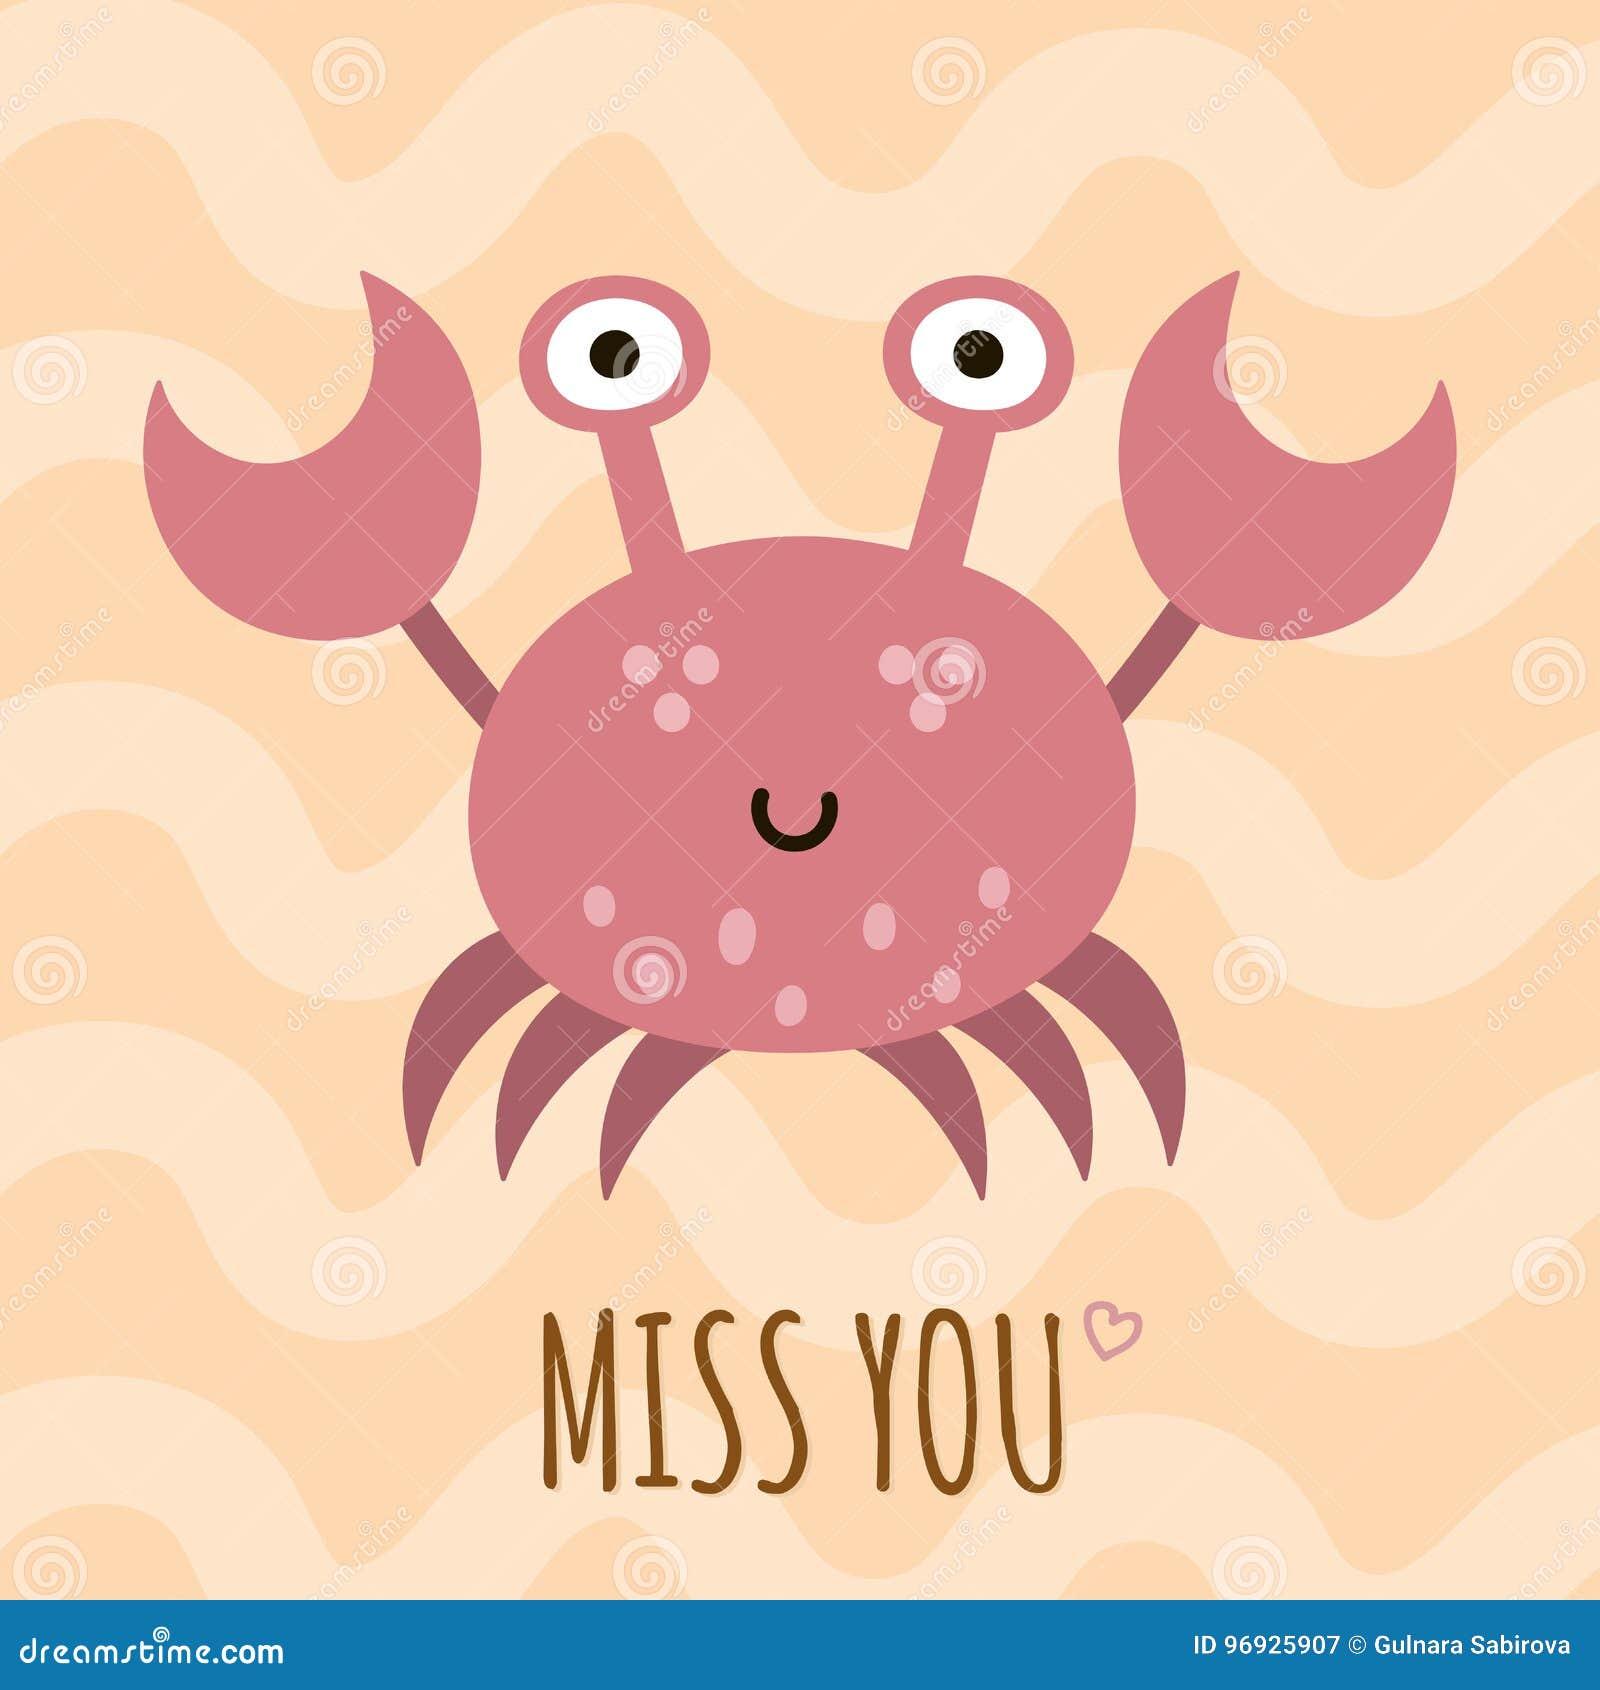 Mlle vous carte mignonne, affiche avec un crabe drôle